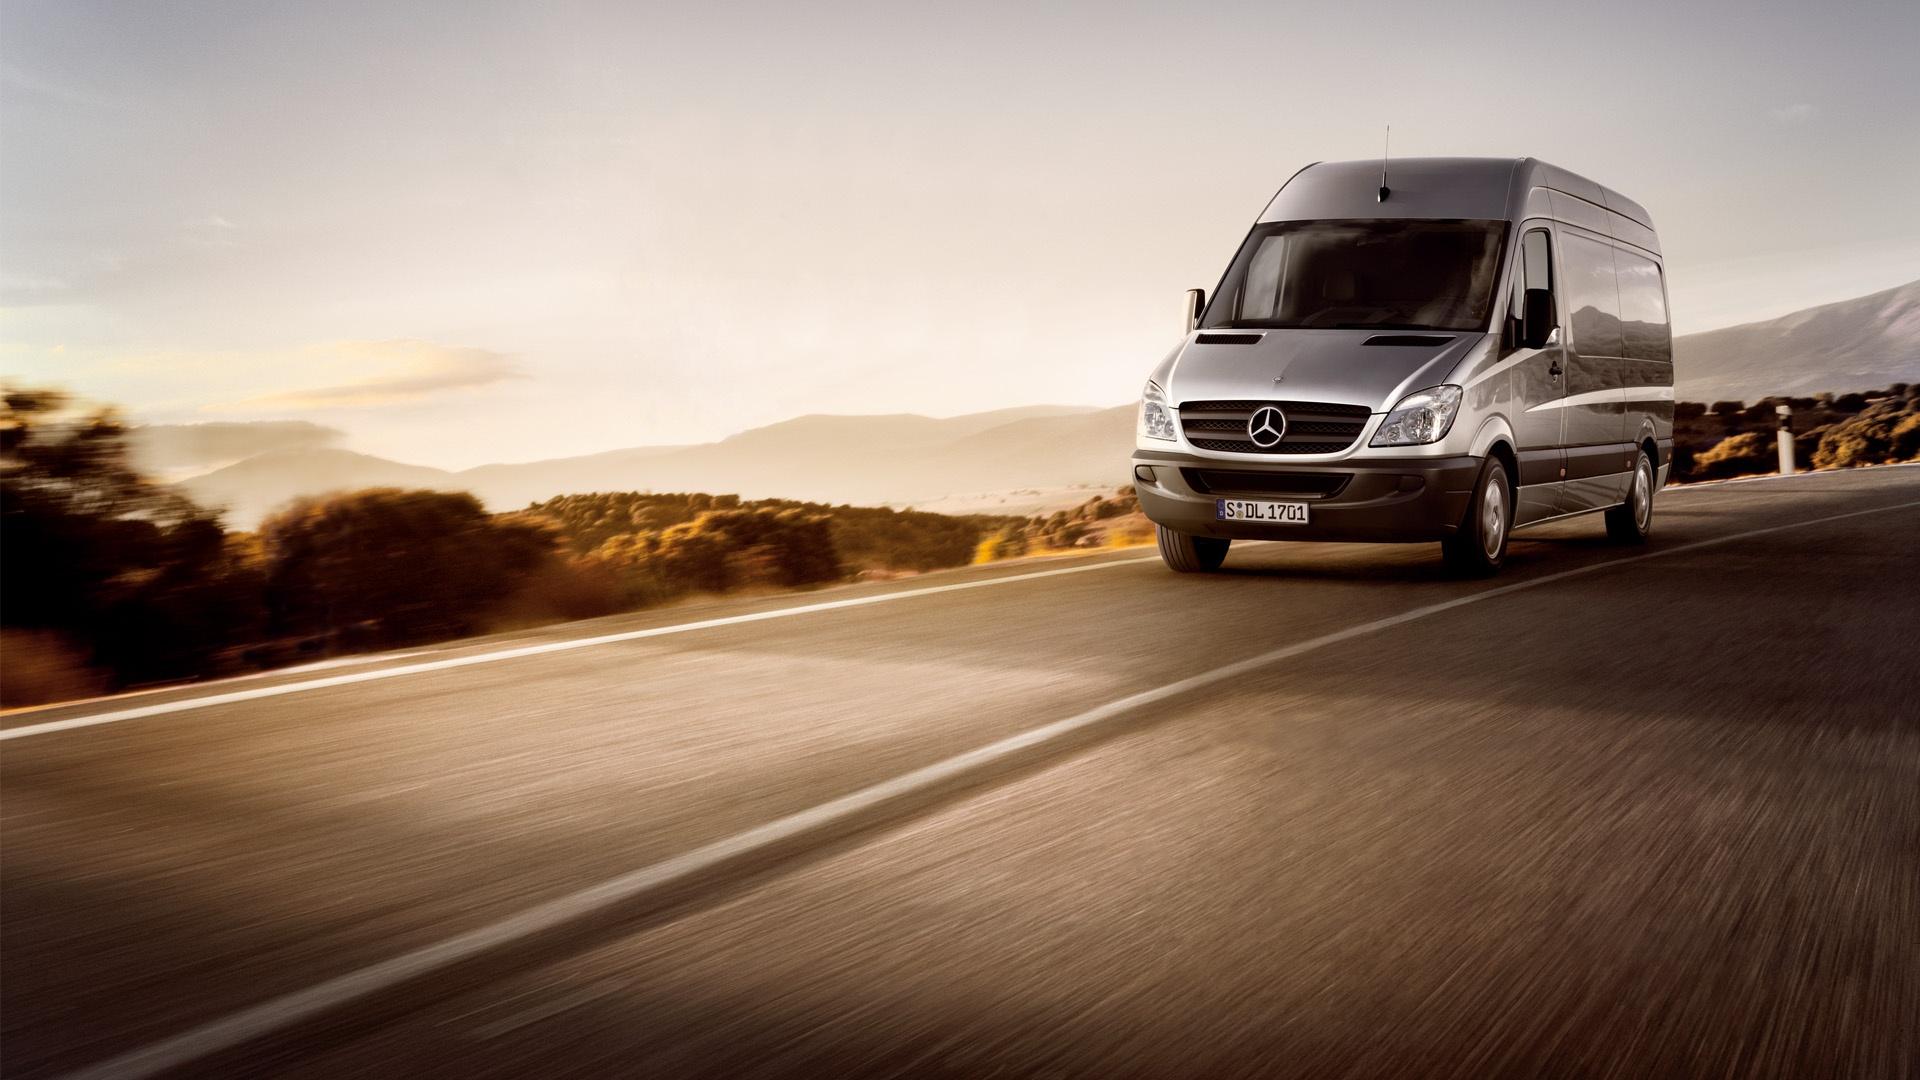 Daimler Transporter Go for Goals